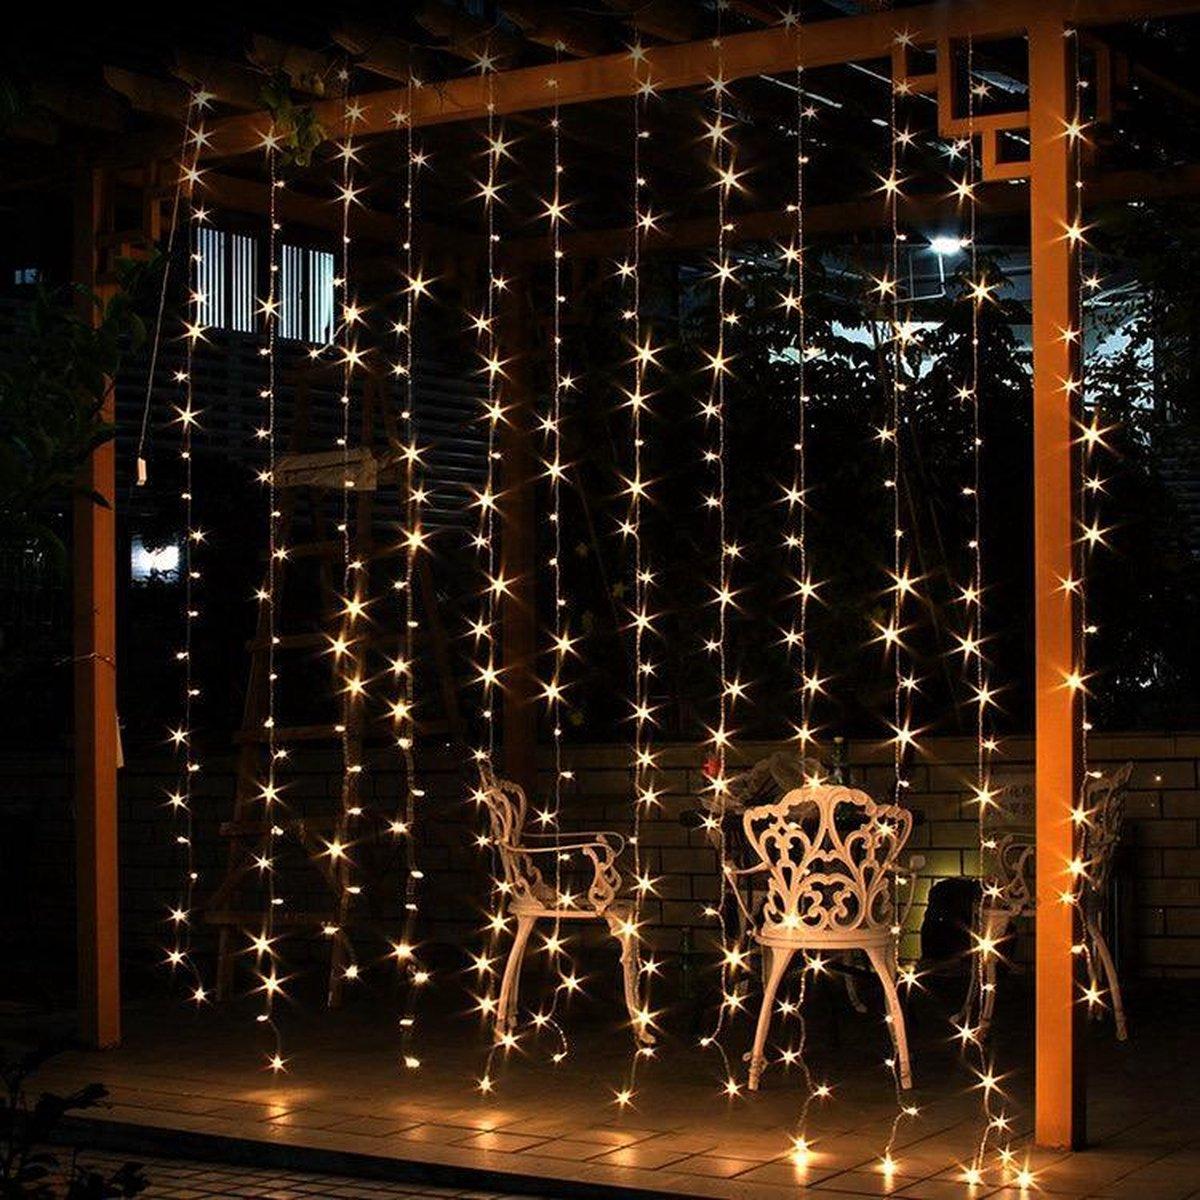 J-Pro Tuinverlichting - Kerstverlichting - LED Lichtgordijn - Curtain Lights 6x3m - Met Stekker